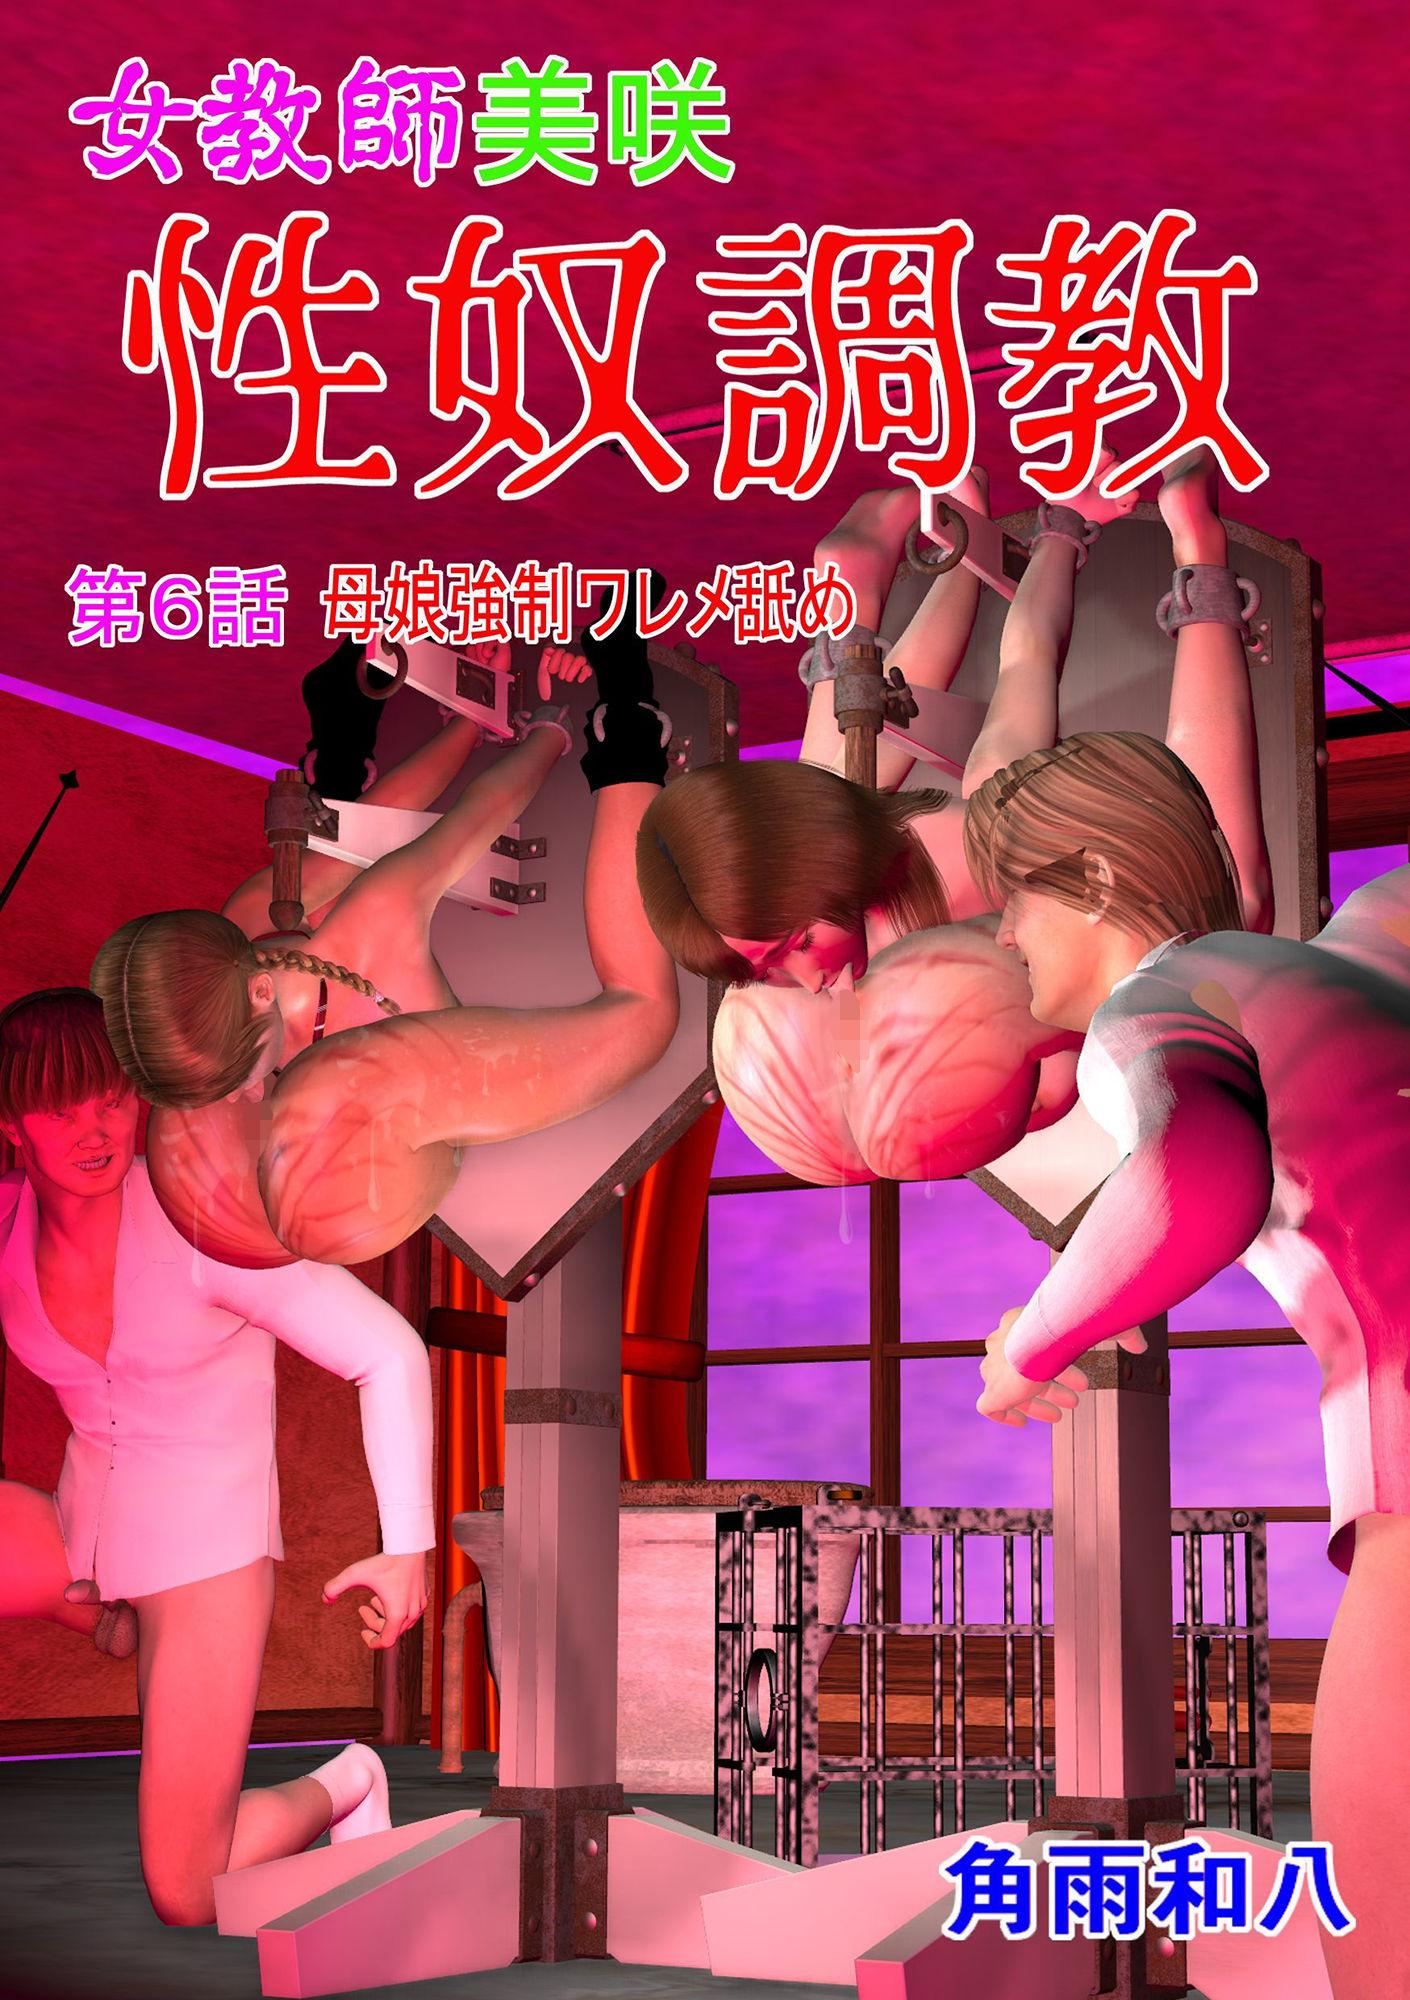 【角雨和八(つのあめかずや) 同人】女教師美咲性奴調教第6最終話母娘強制ワレメ舐め